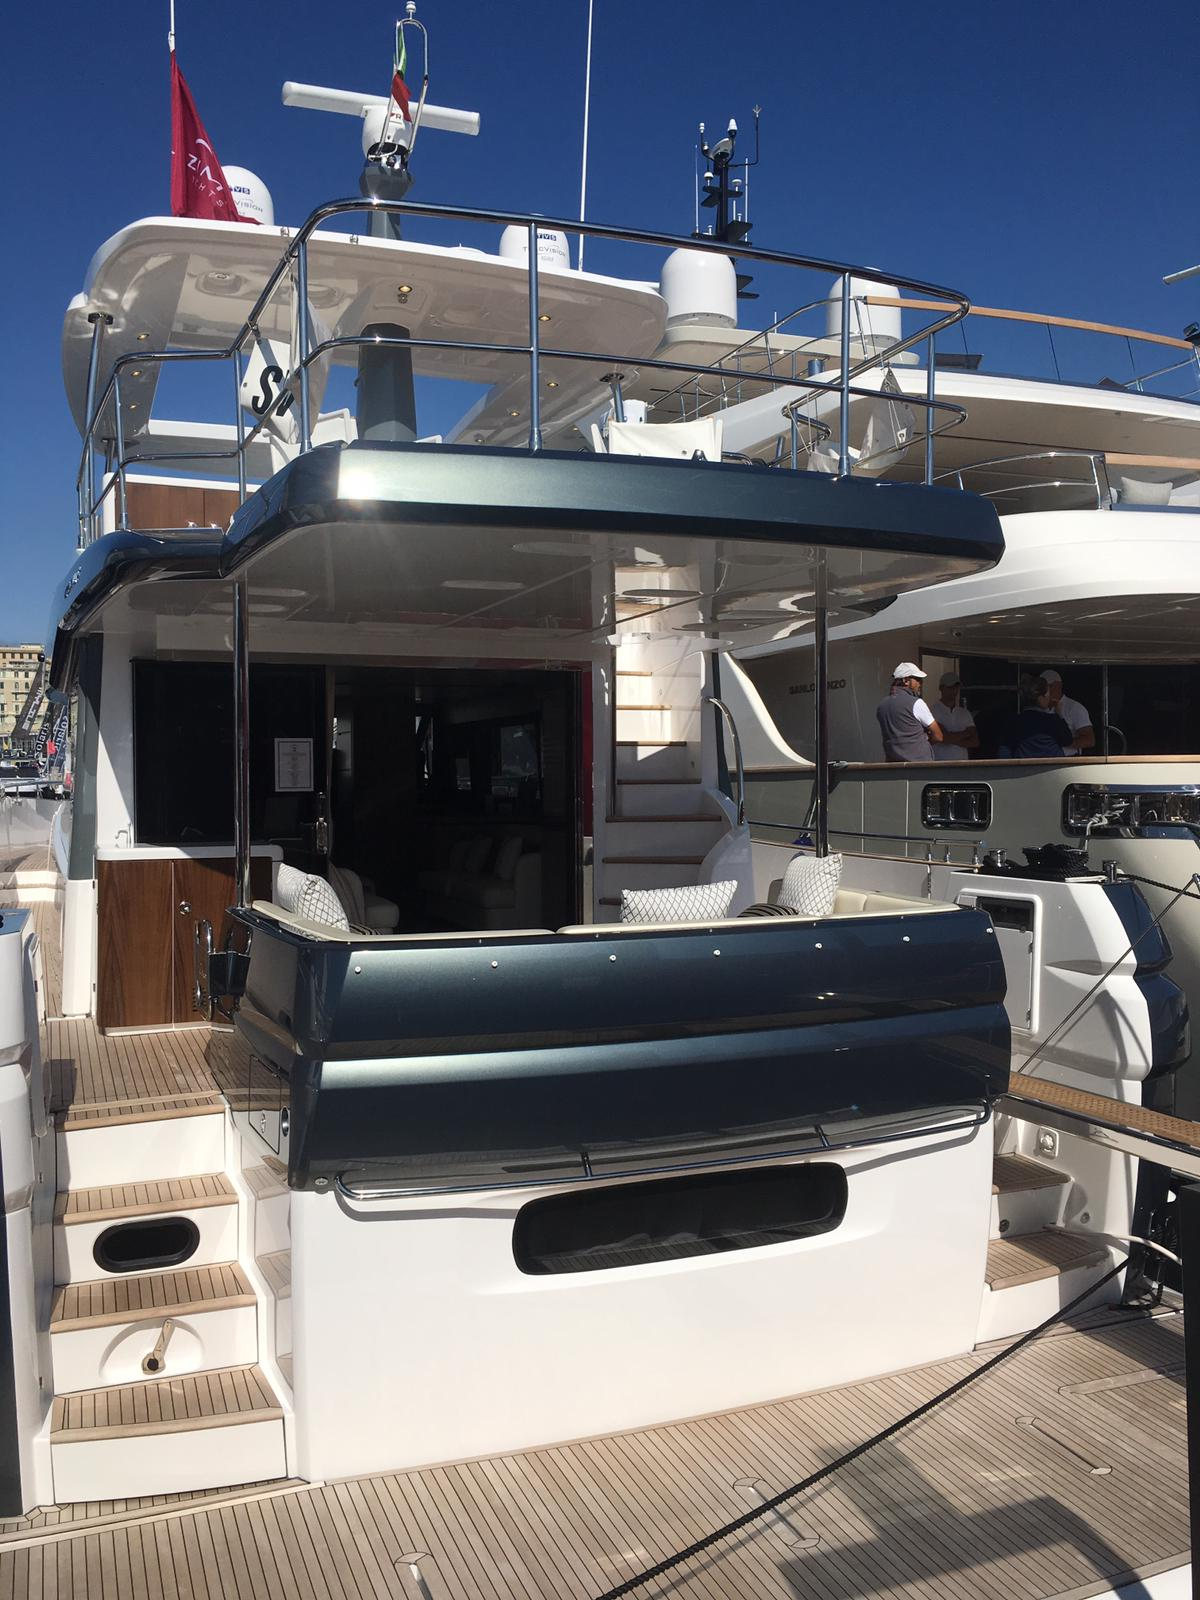 Yacht esposizione Salone nautico Genova 2019 Fotoflashteam fotografia